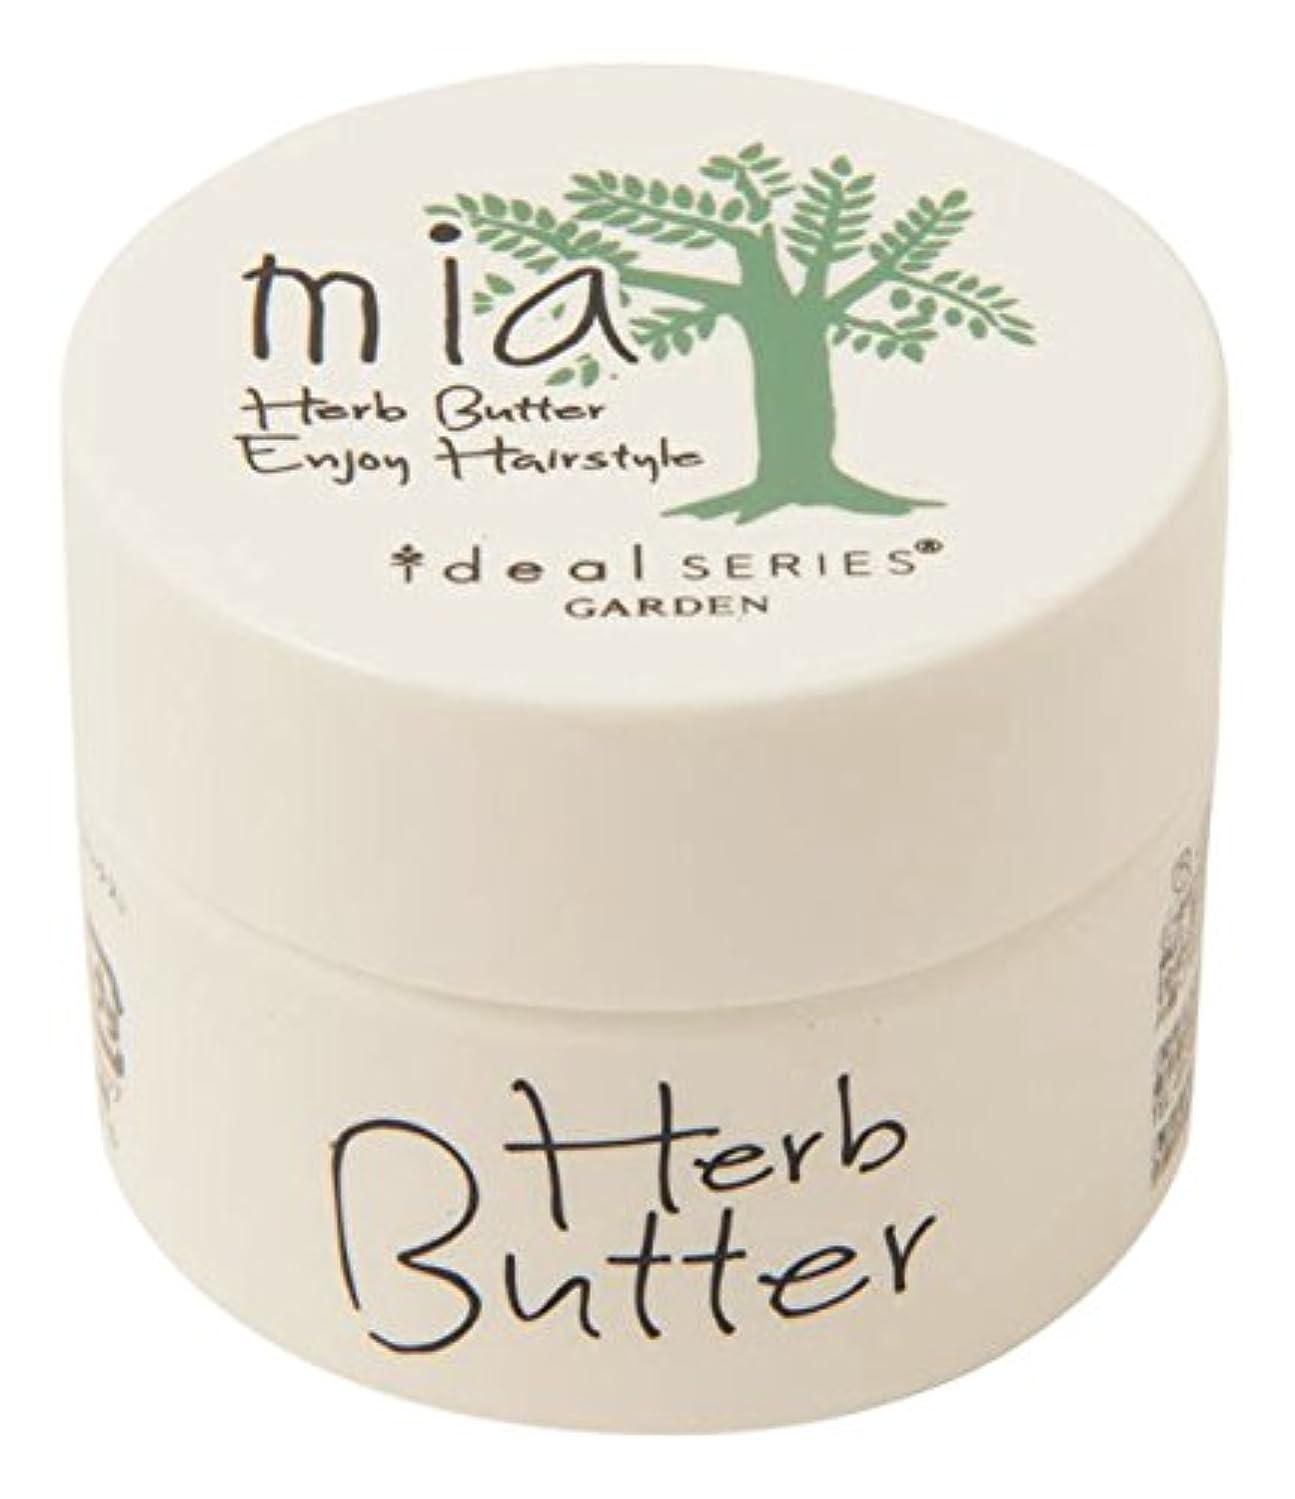 簡潔なセラー豆GARDEN ideal SERIES  mia(ミア)ハーブバター